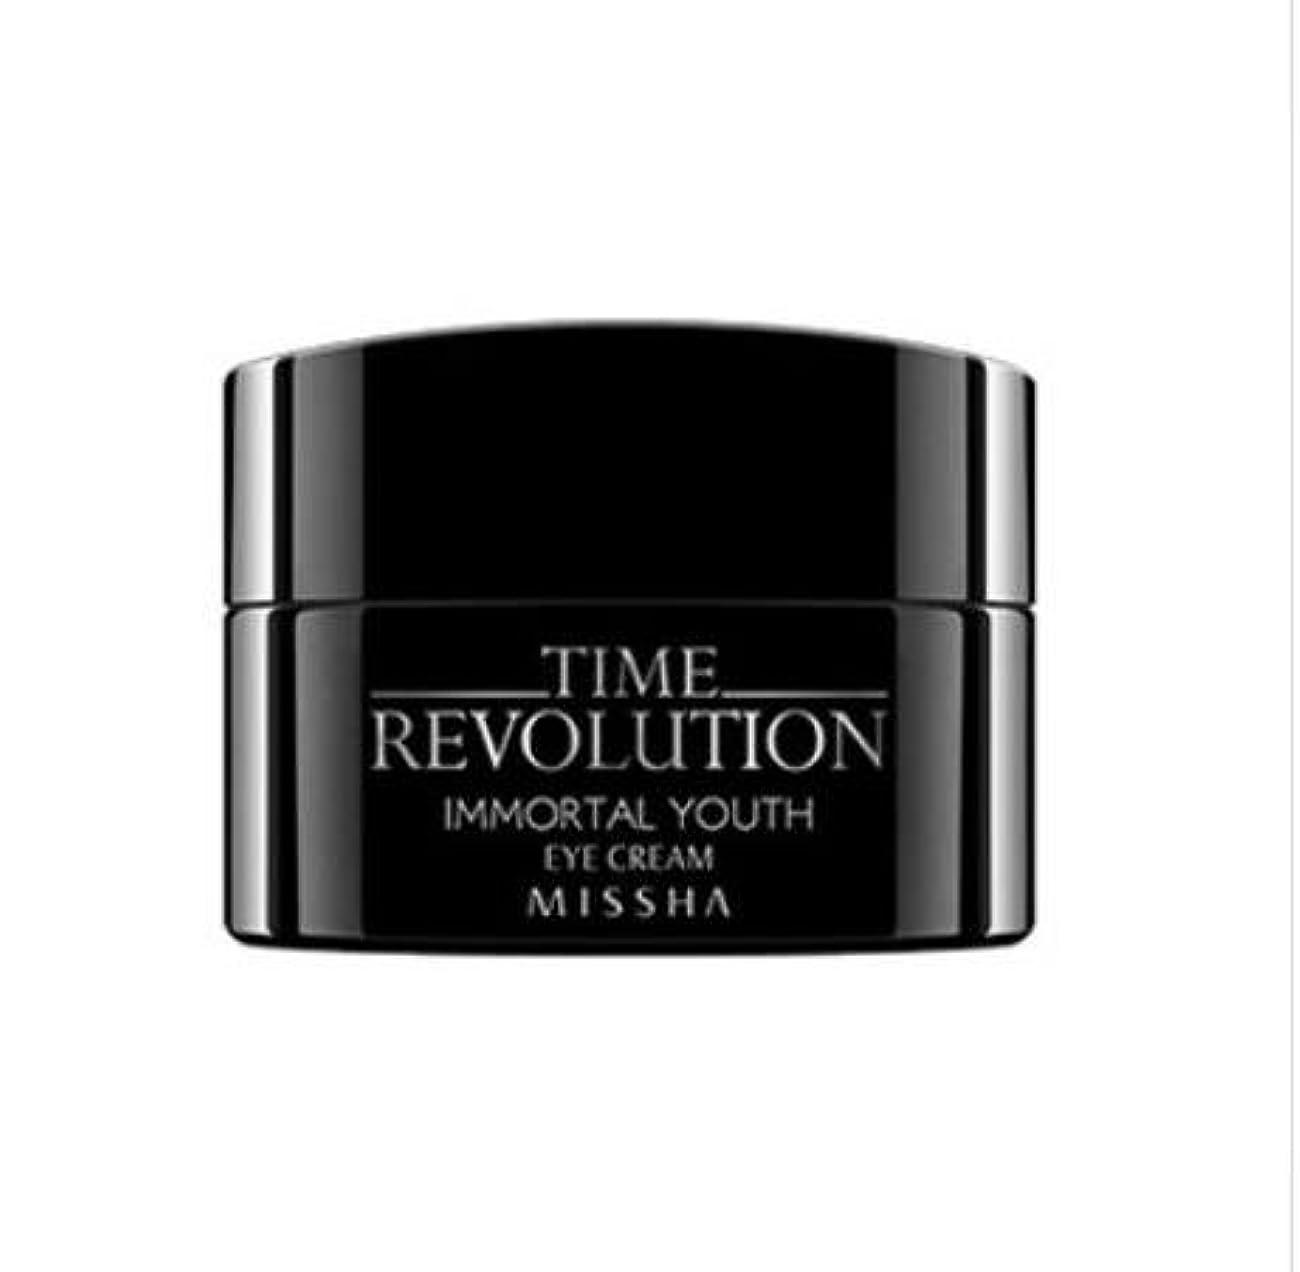 間違っている付与レキシコン[ミシャ] Missha [タイムレボリューション イモタルユース アイクリーム](MISSHA Time Revolution Immortal Youth Eye Cream) [並行輸入品]